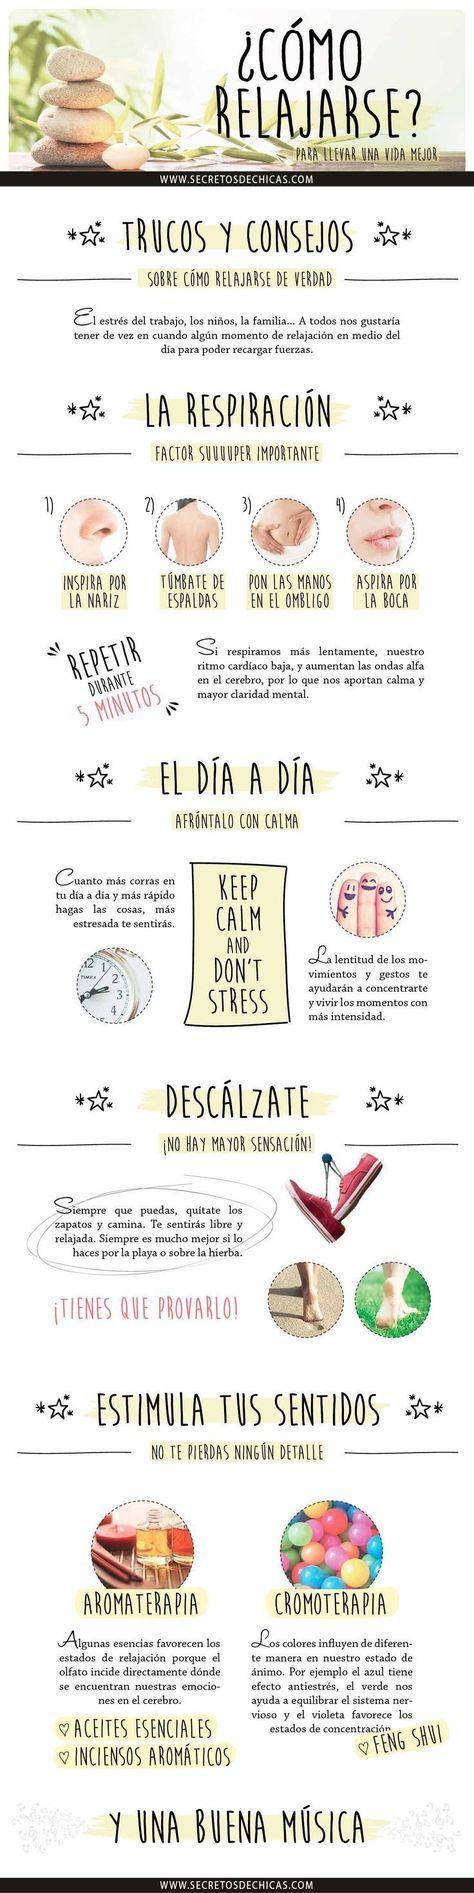 La energía positiva se comparte mejor cuando estamos relajados y felices, checa estos tips para mantenerte zen.